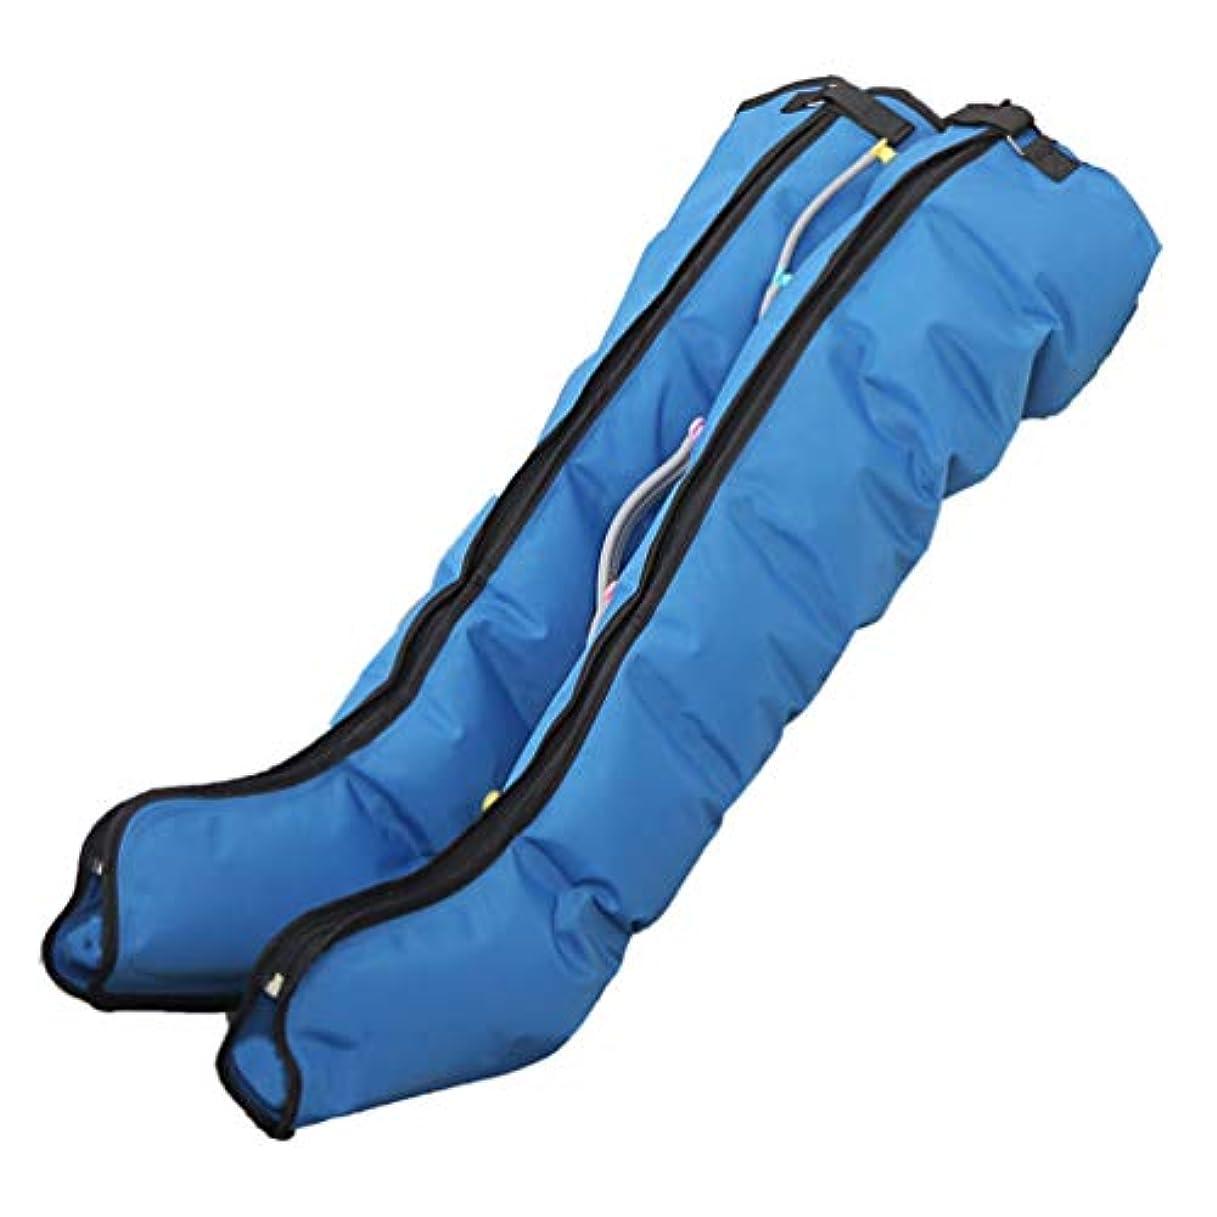 貫入商人バンカーふくらはぎ循環ブースターマッサージ療法のための空気圧縮脚マッサージ機は腫れや浮腫の痛みを助ける(6つのキャビティブルー)